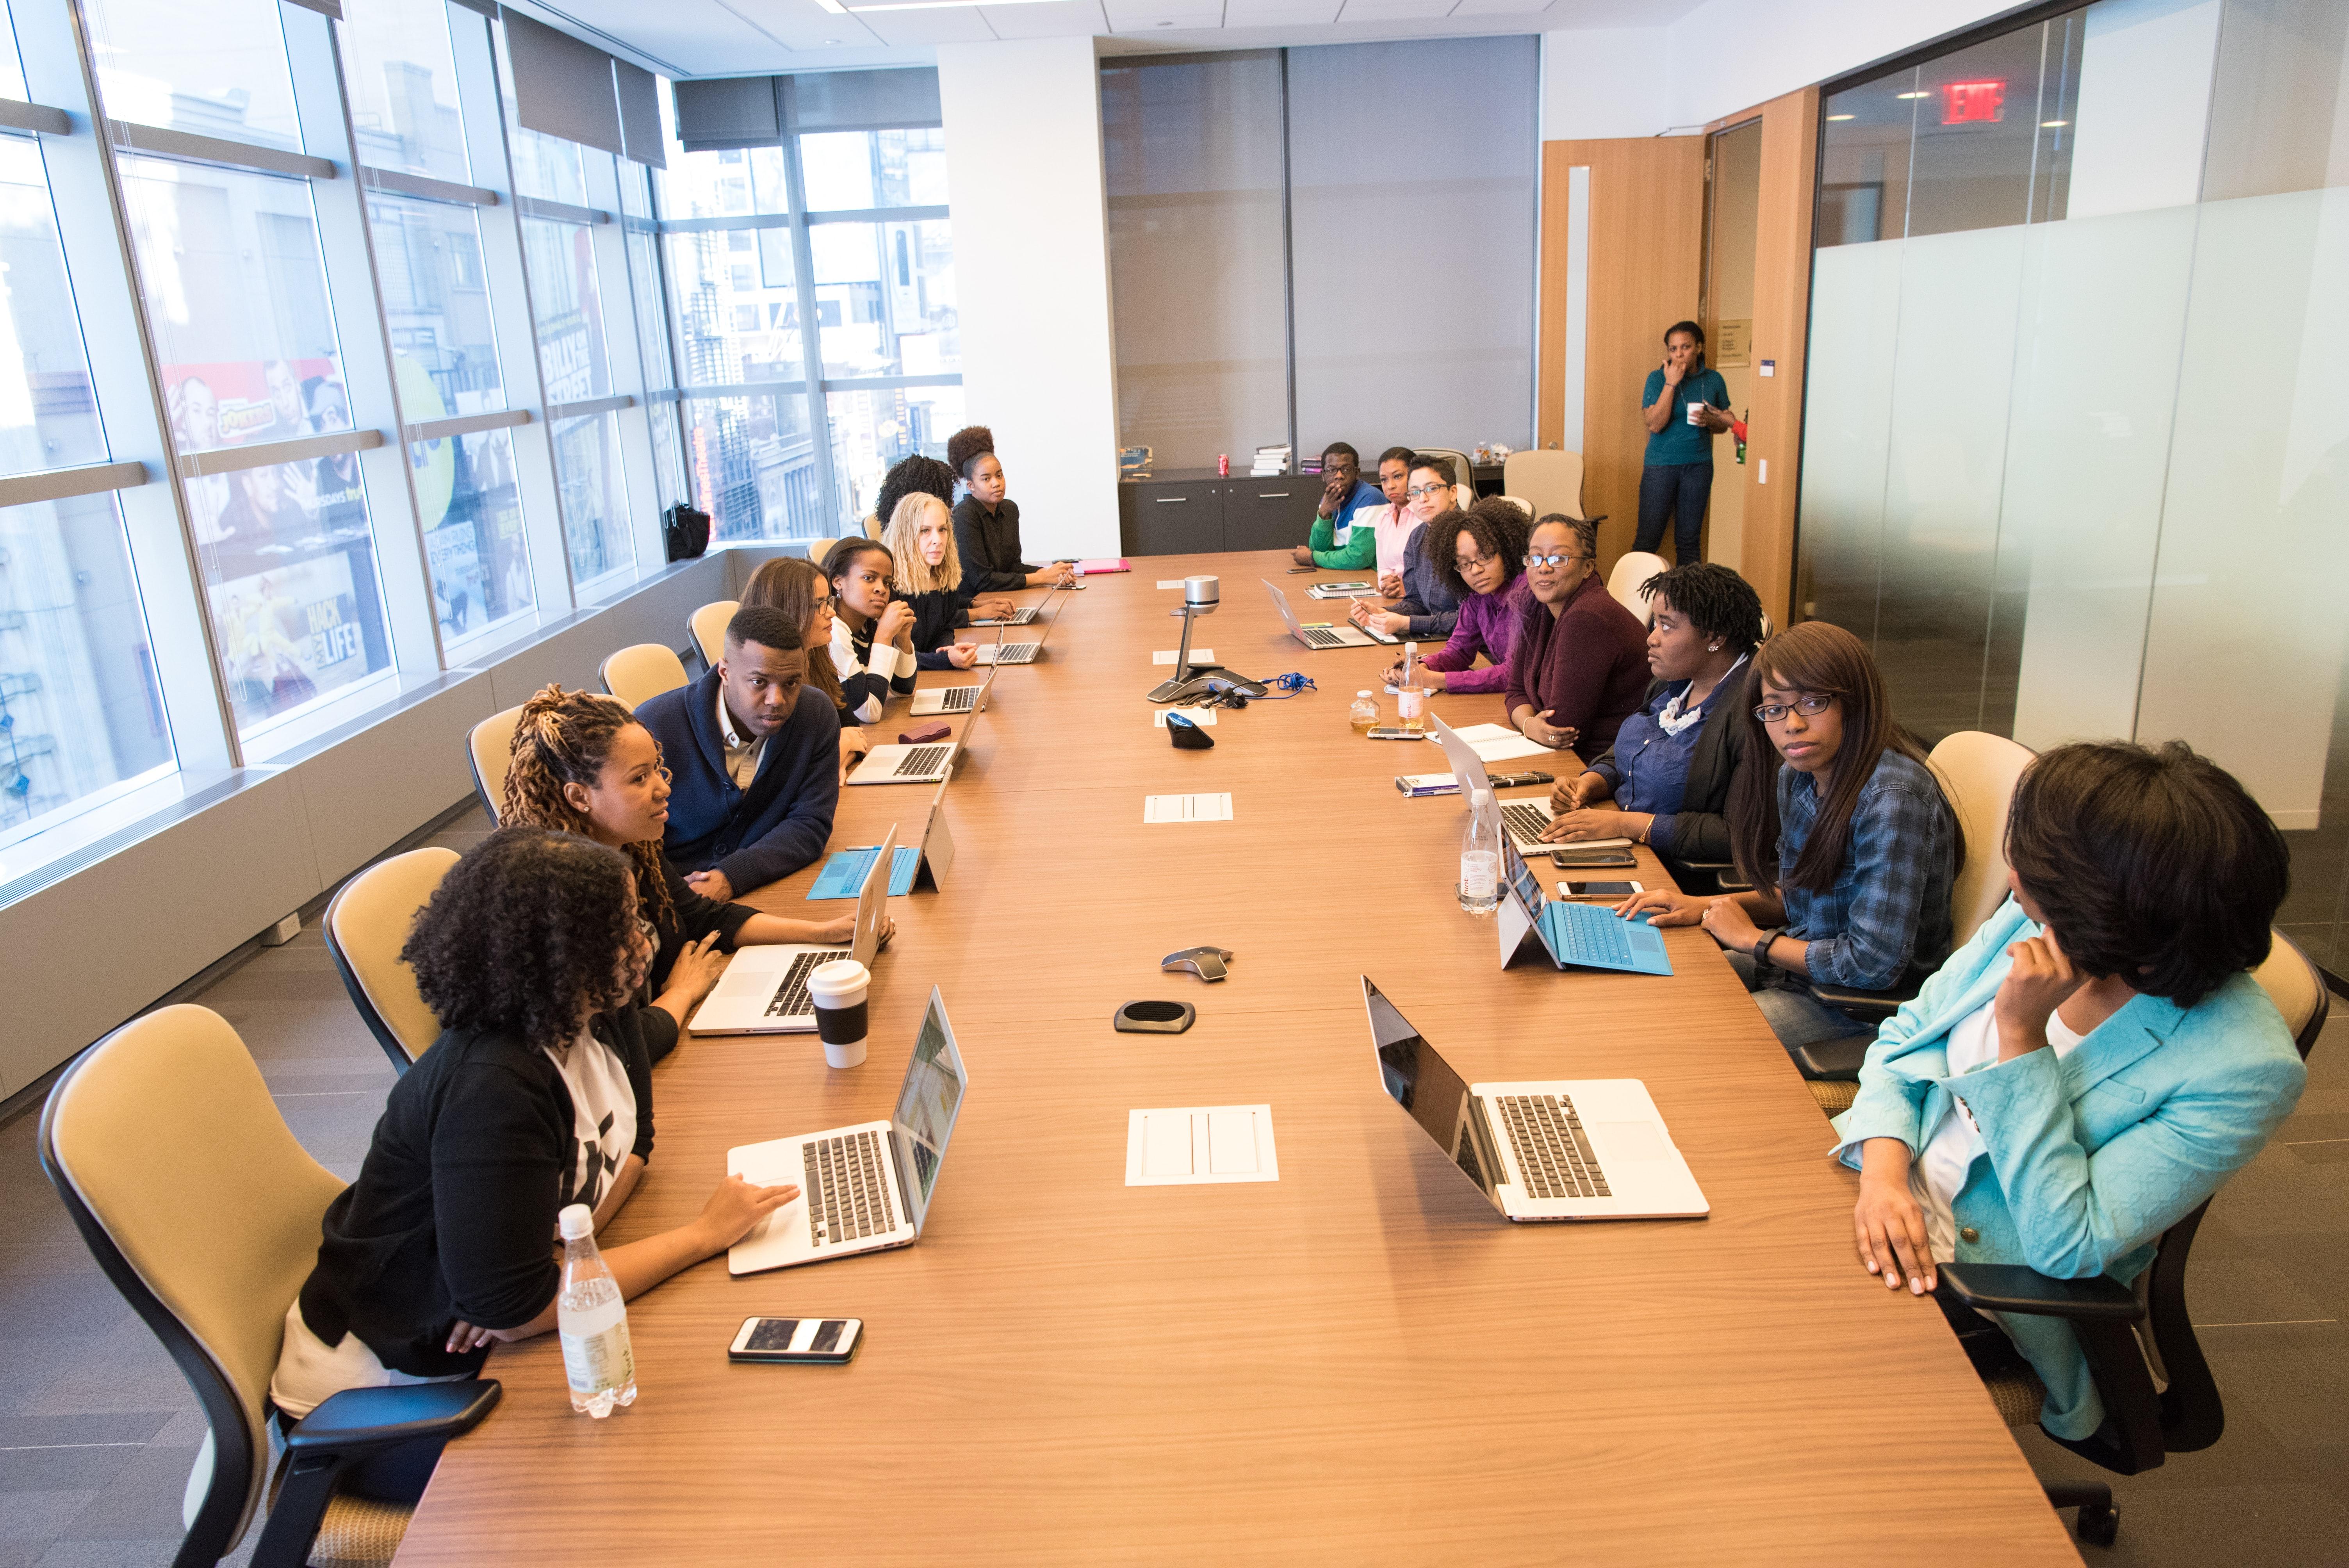 Mesa de trabalho, em que cerca de vinte pessoas conversam com folhas e lápis em suas mãos